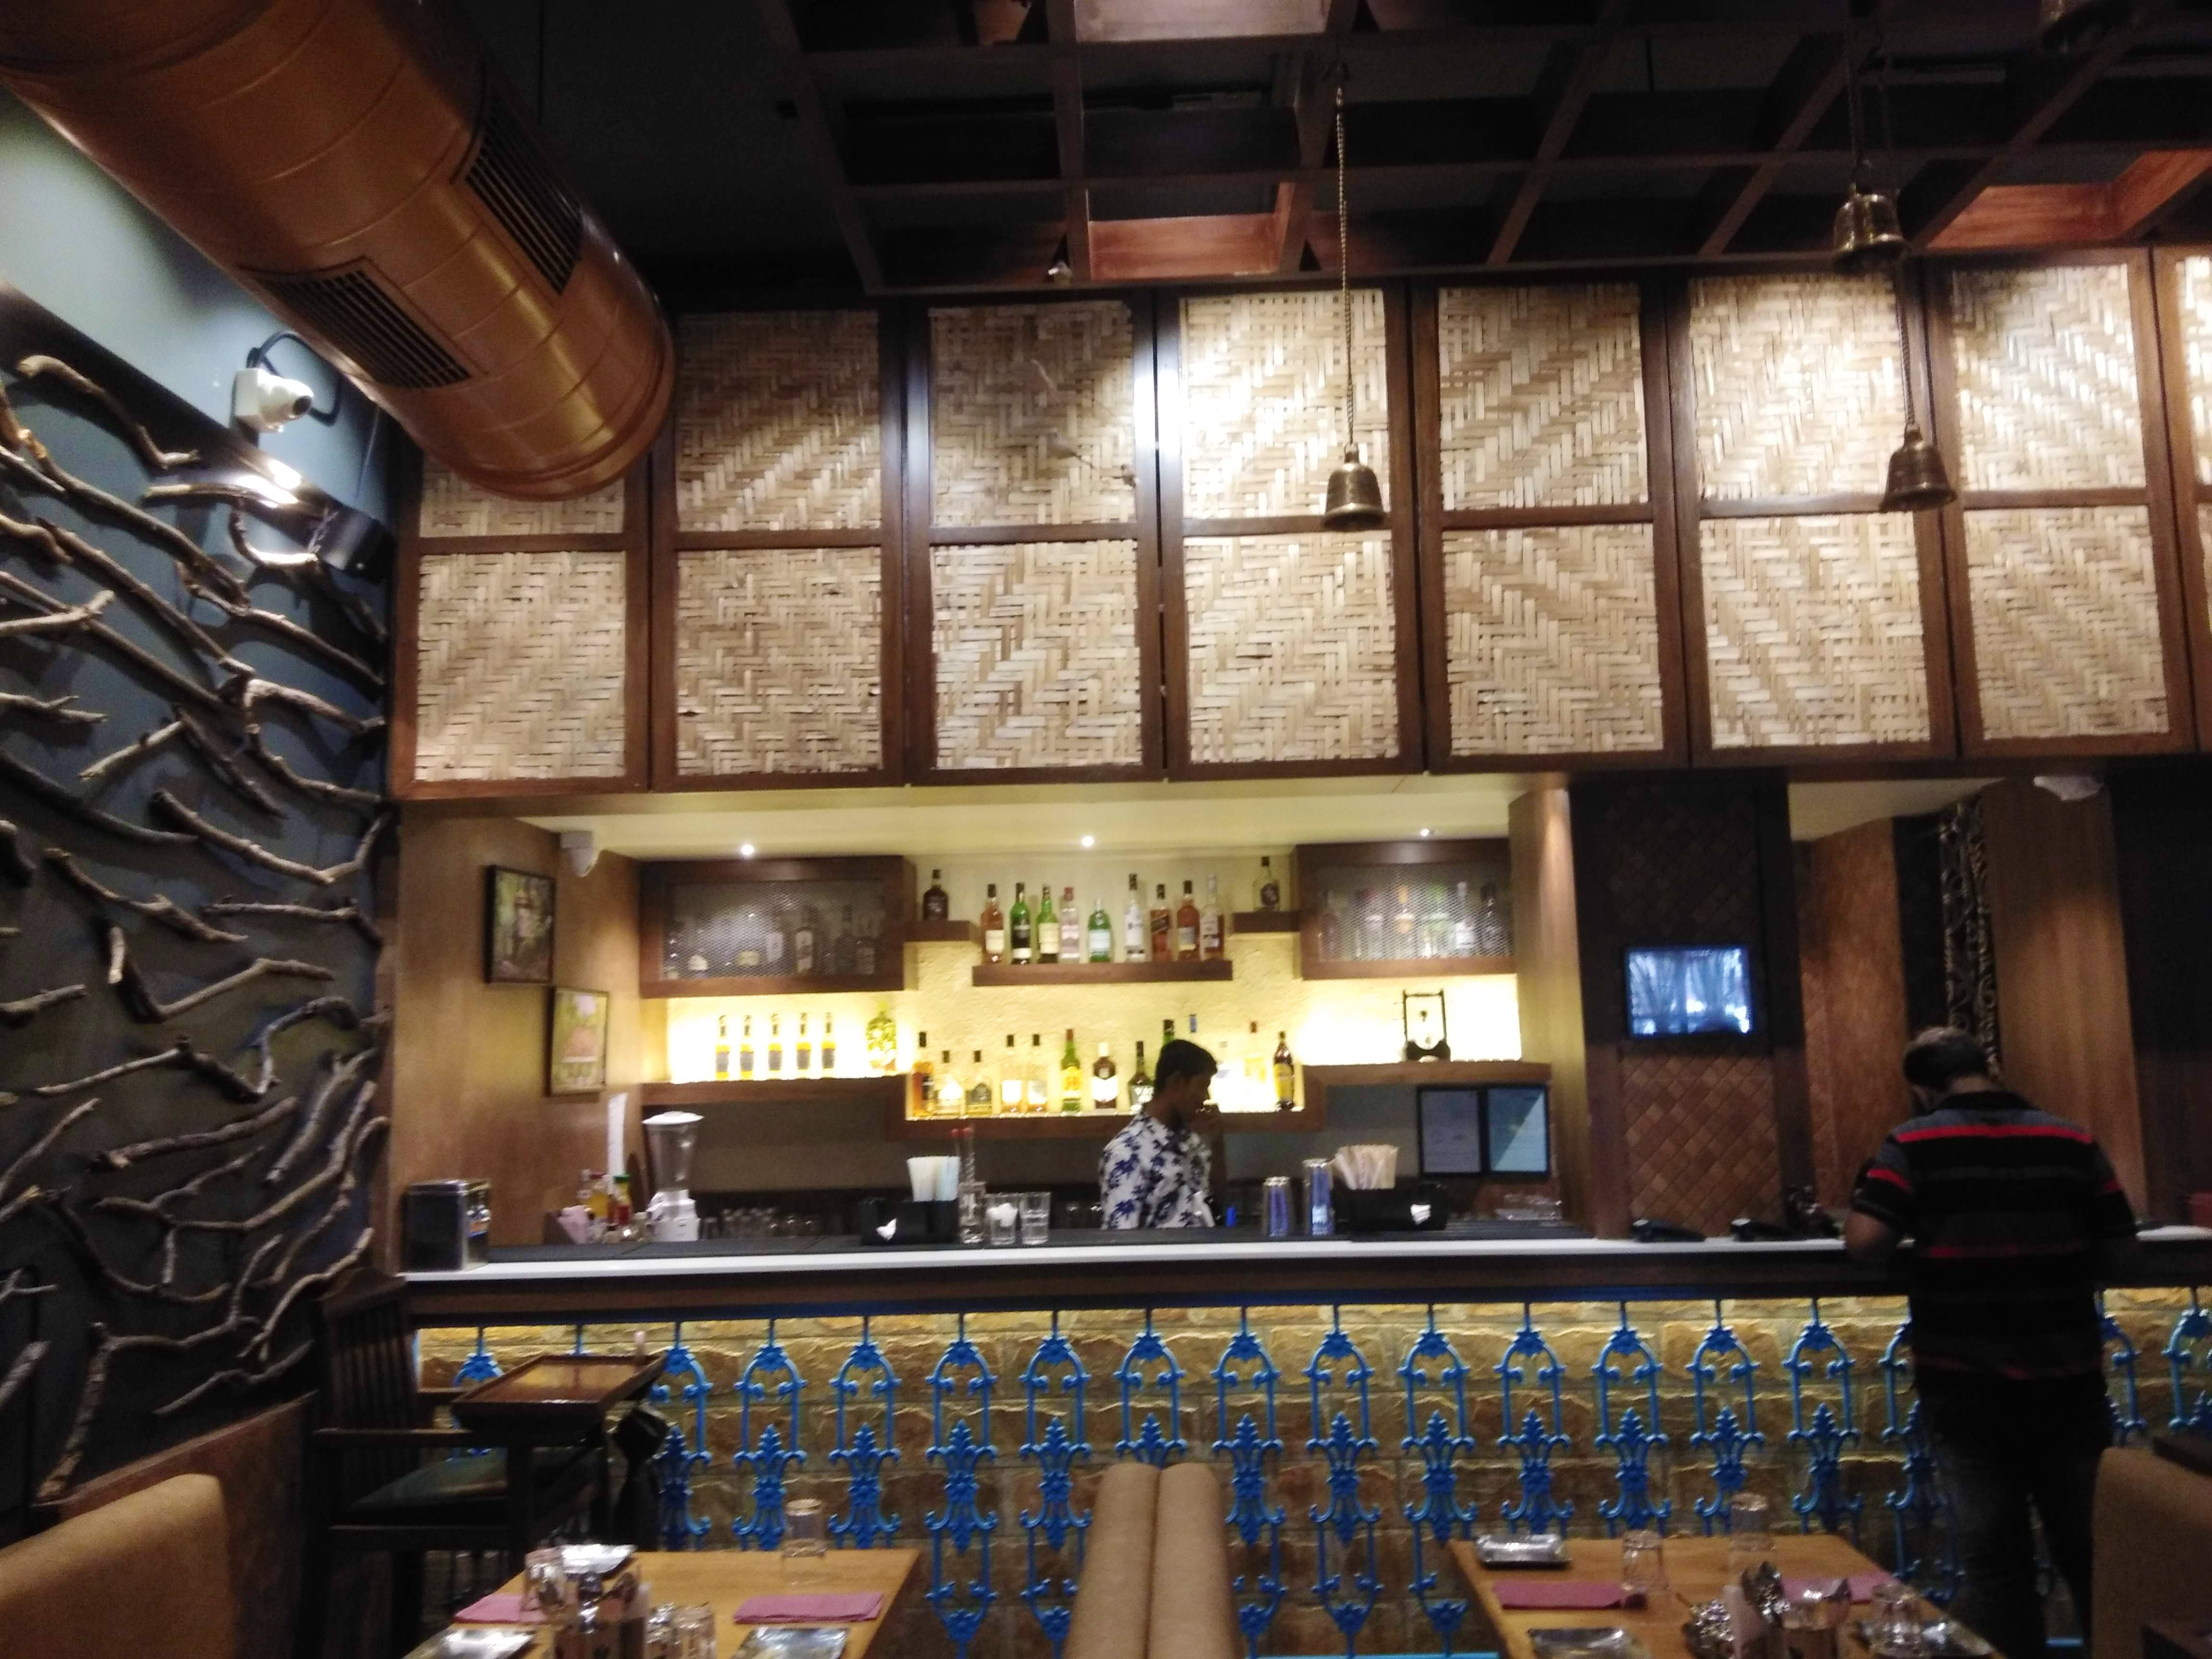 Building,Architecture,Interior design,Room,Ceiling,Restaurant,Bar